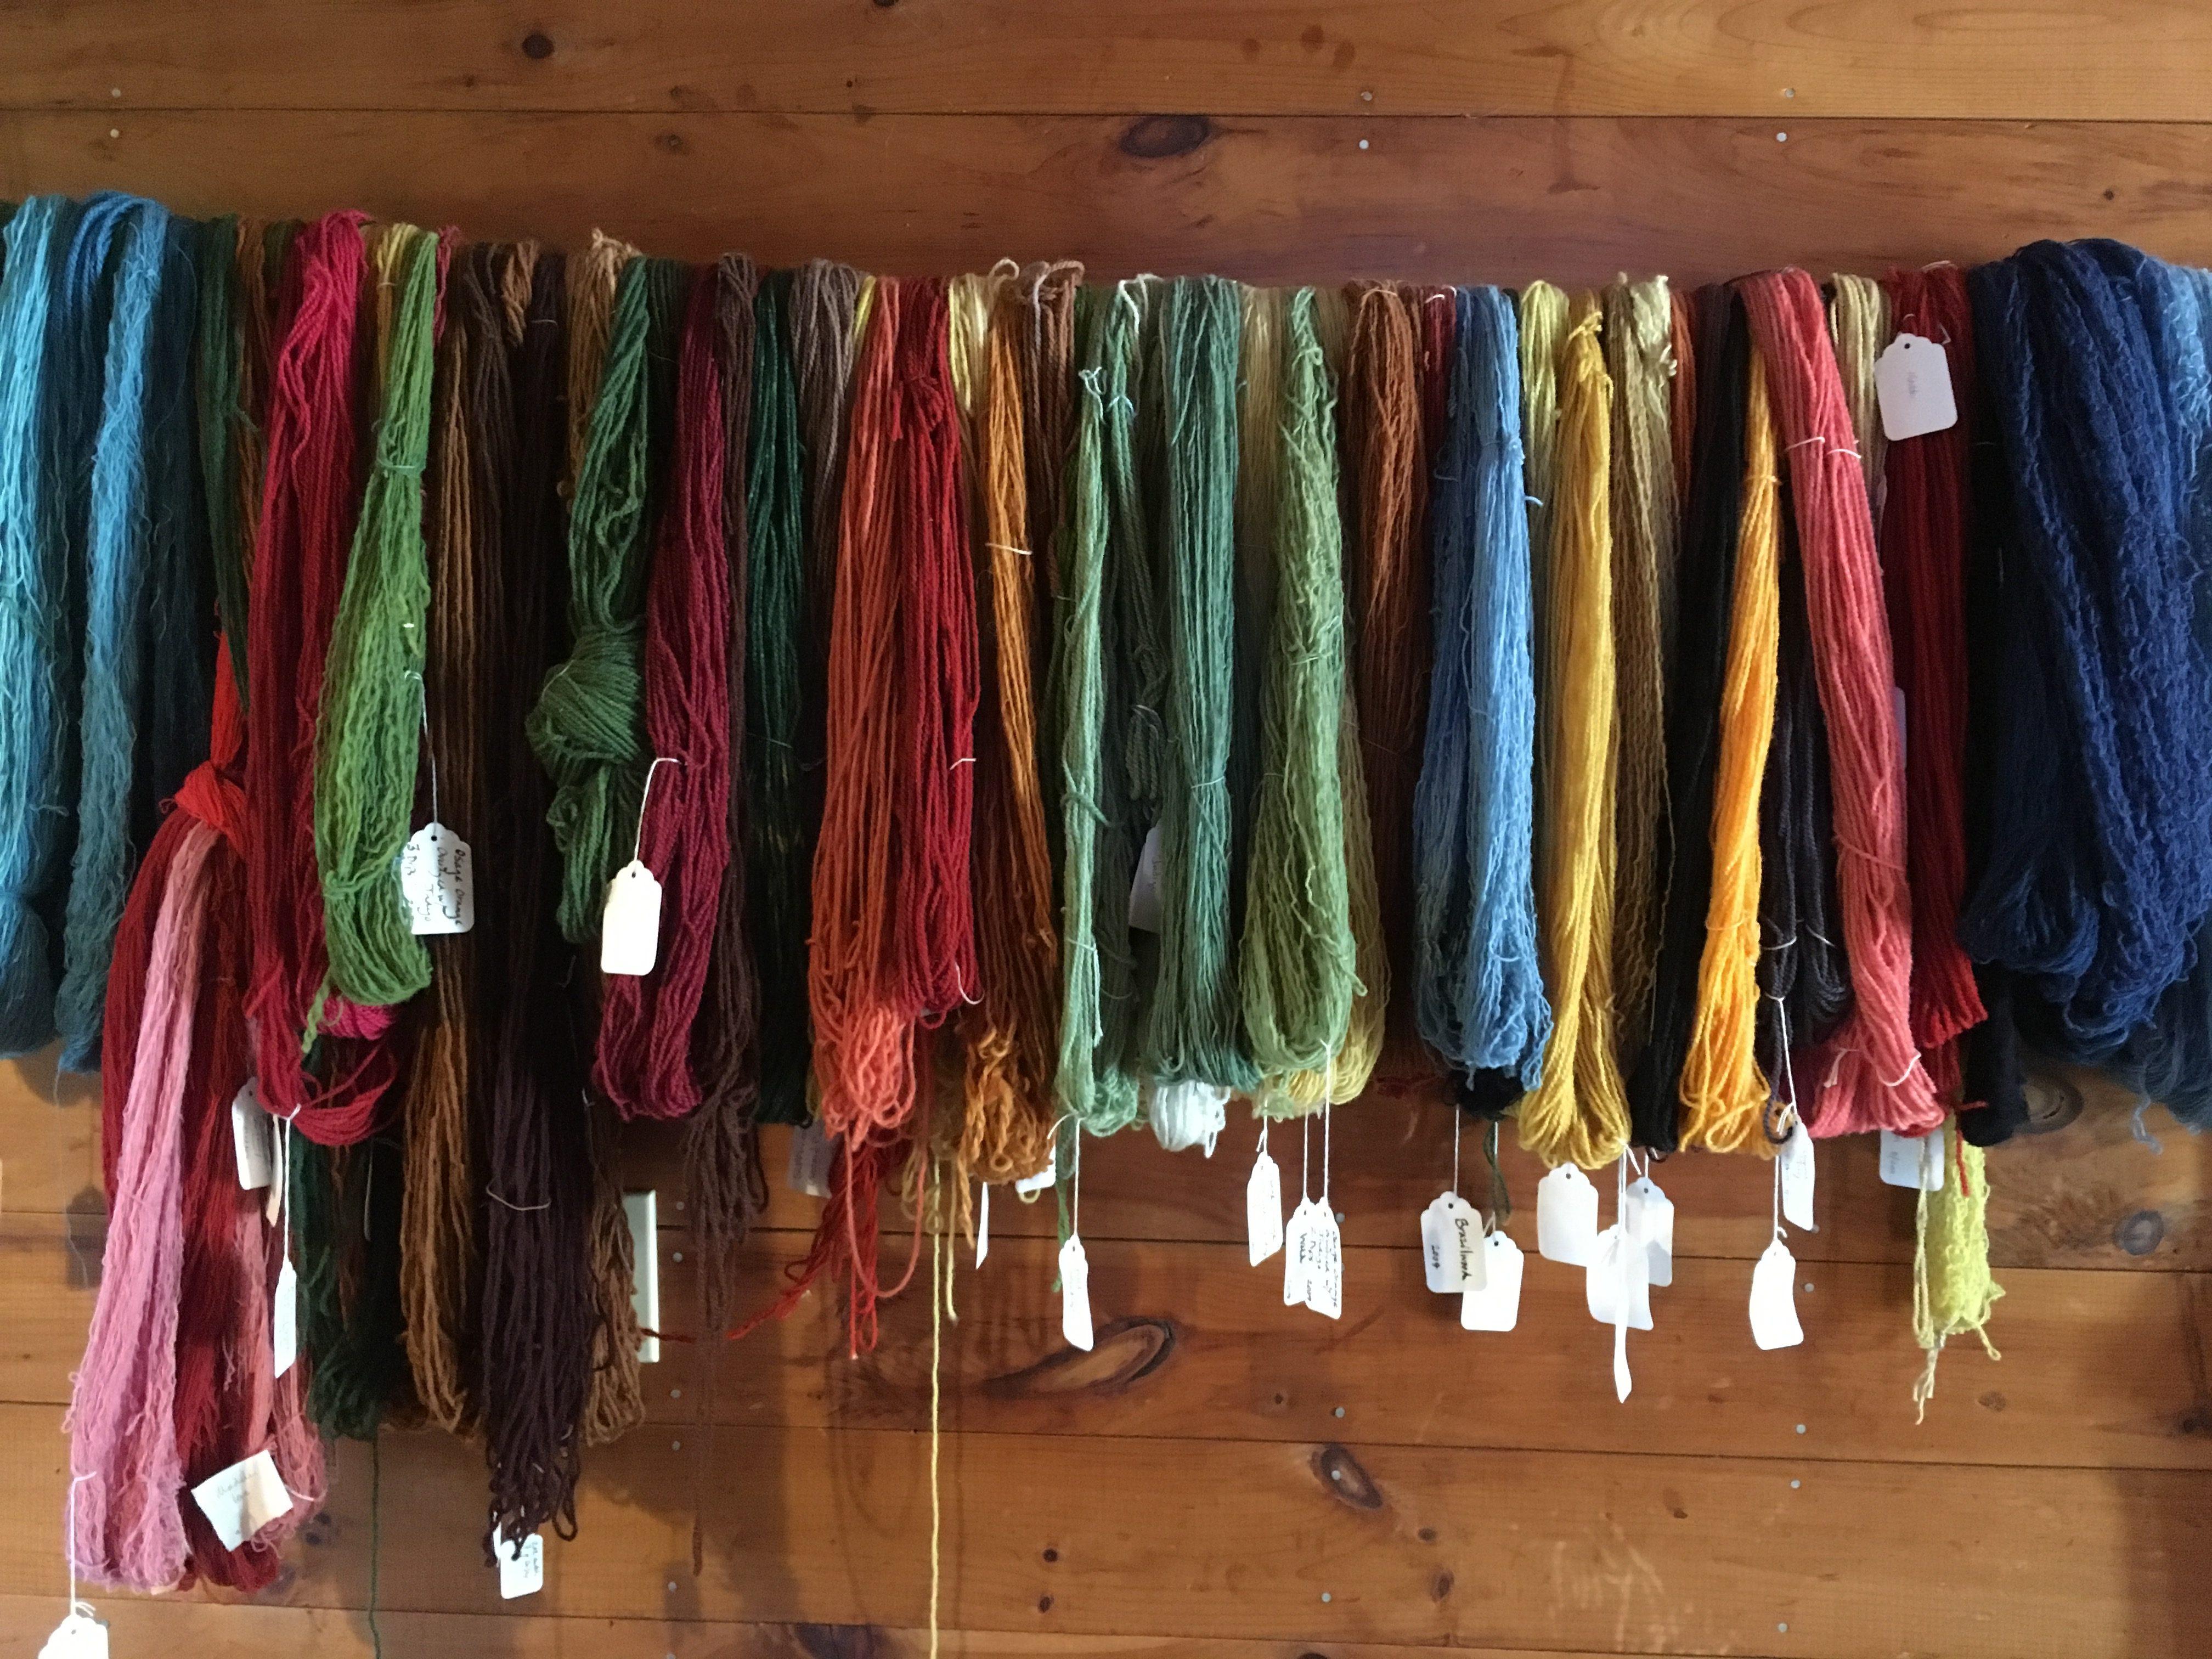 Some pretty yarn!